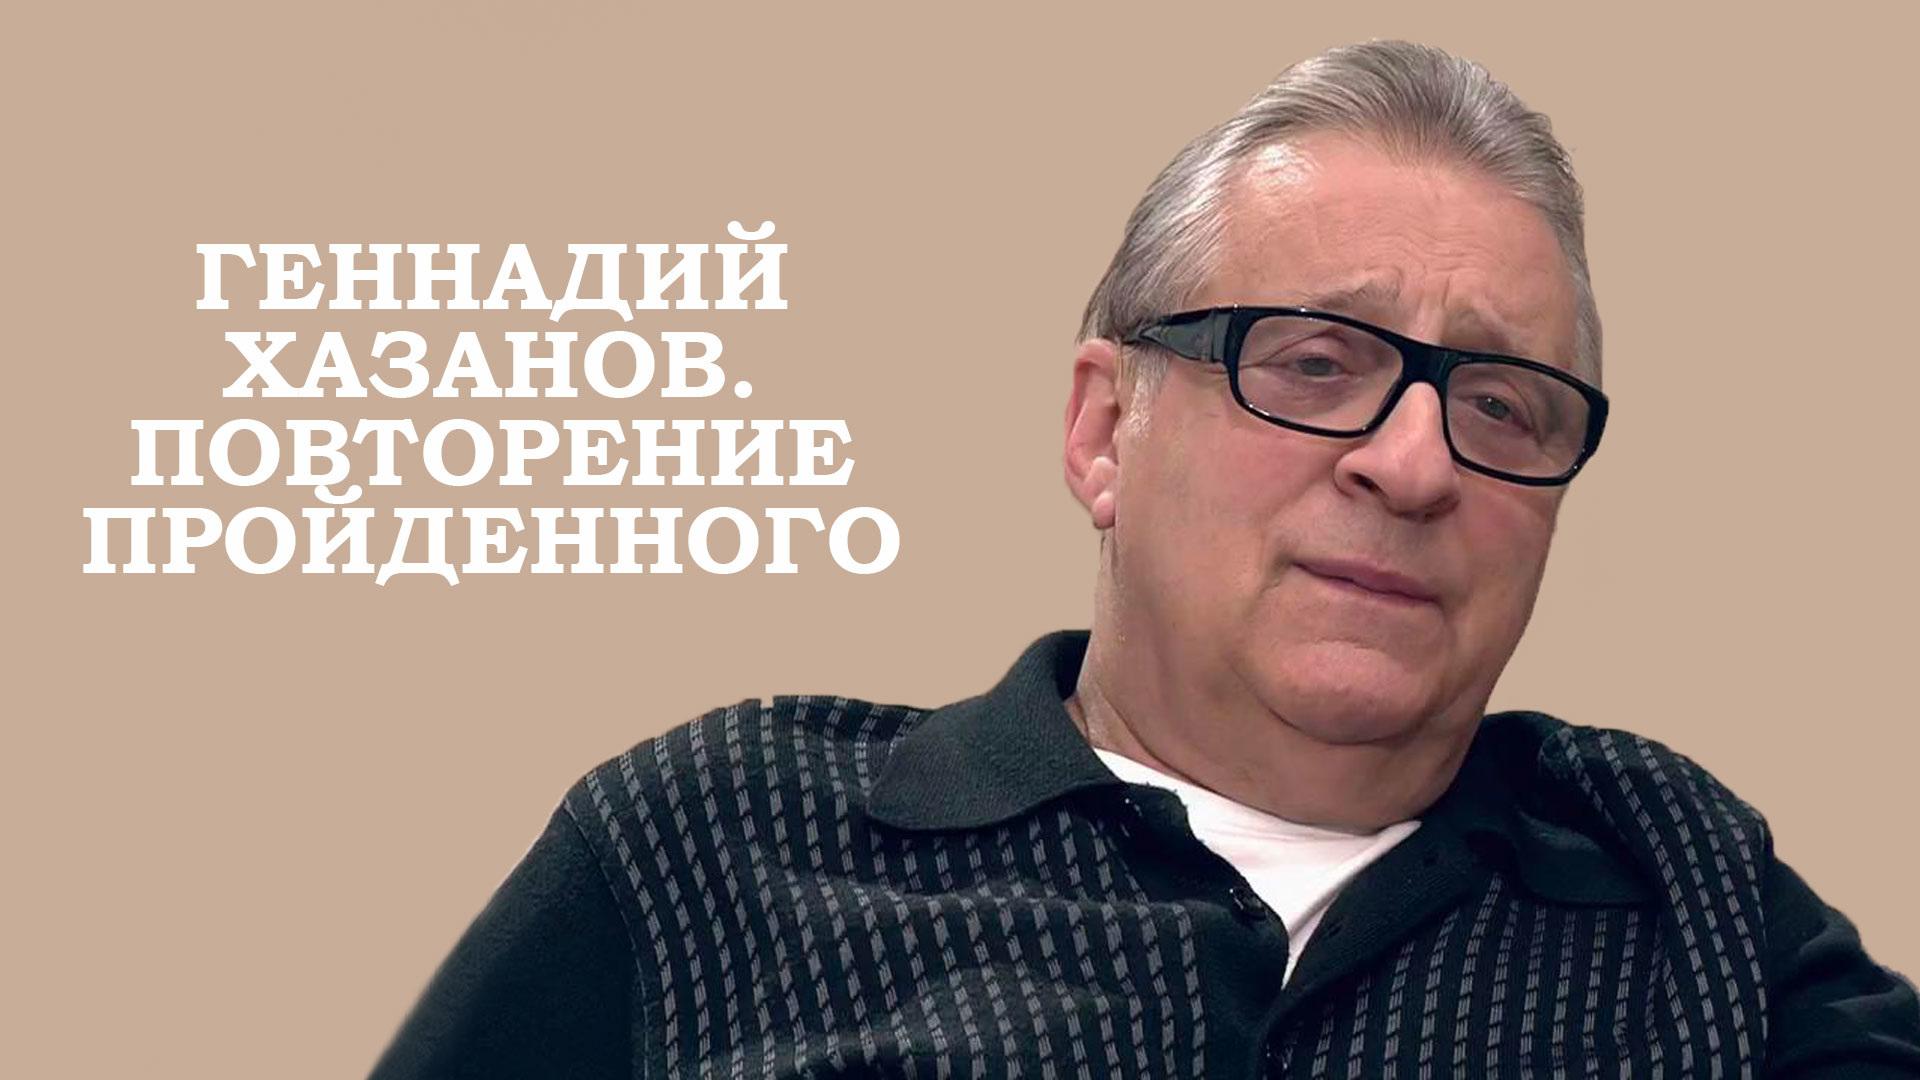 Геннадий Хазанов. Повторение пройденного